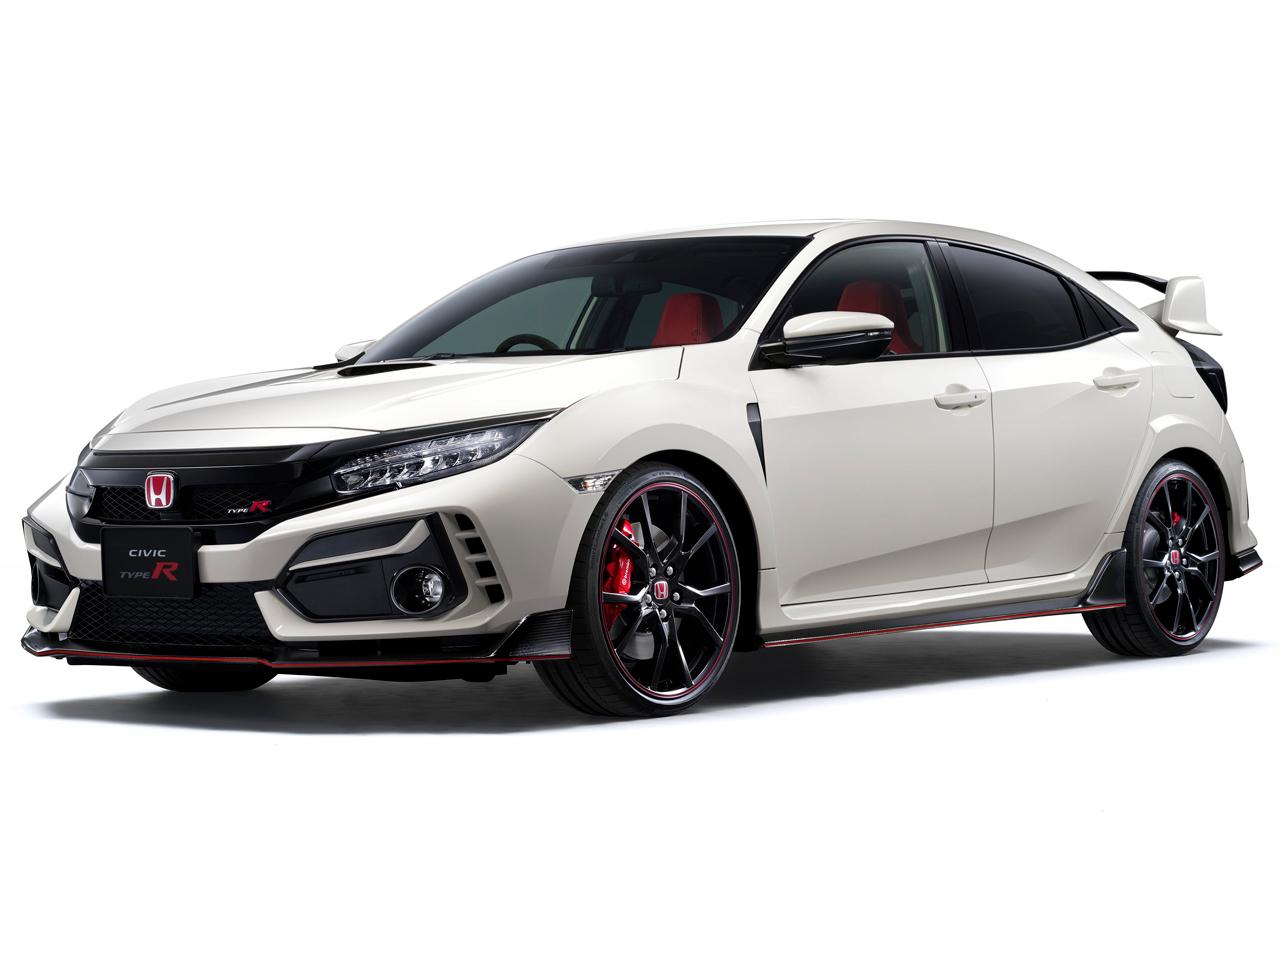 ホンダ シビック タイプR 2017年モデル 新車画像